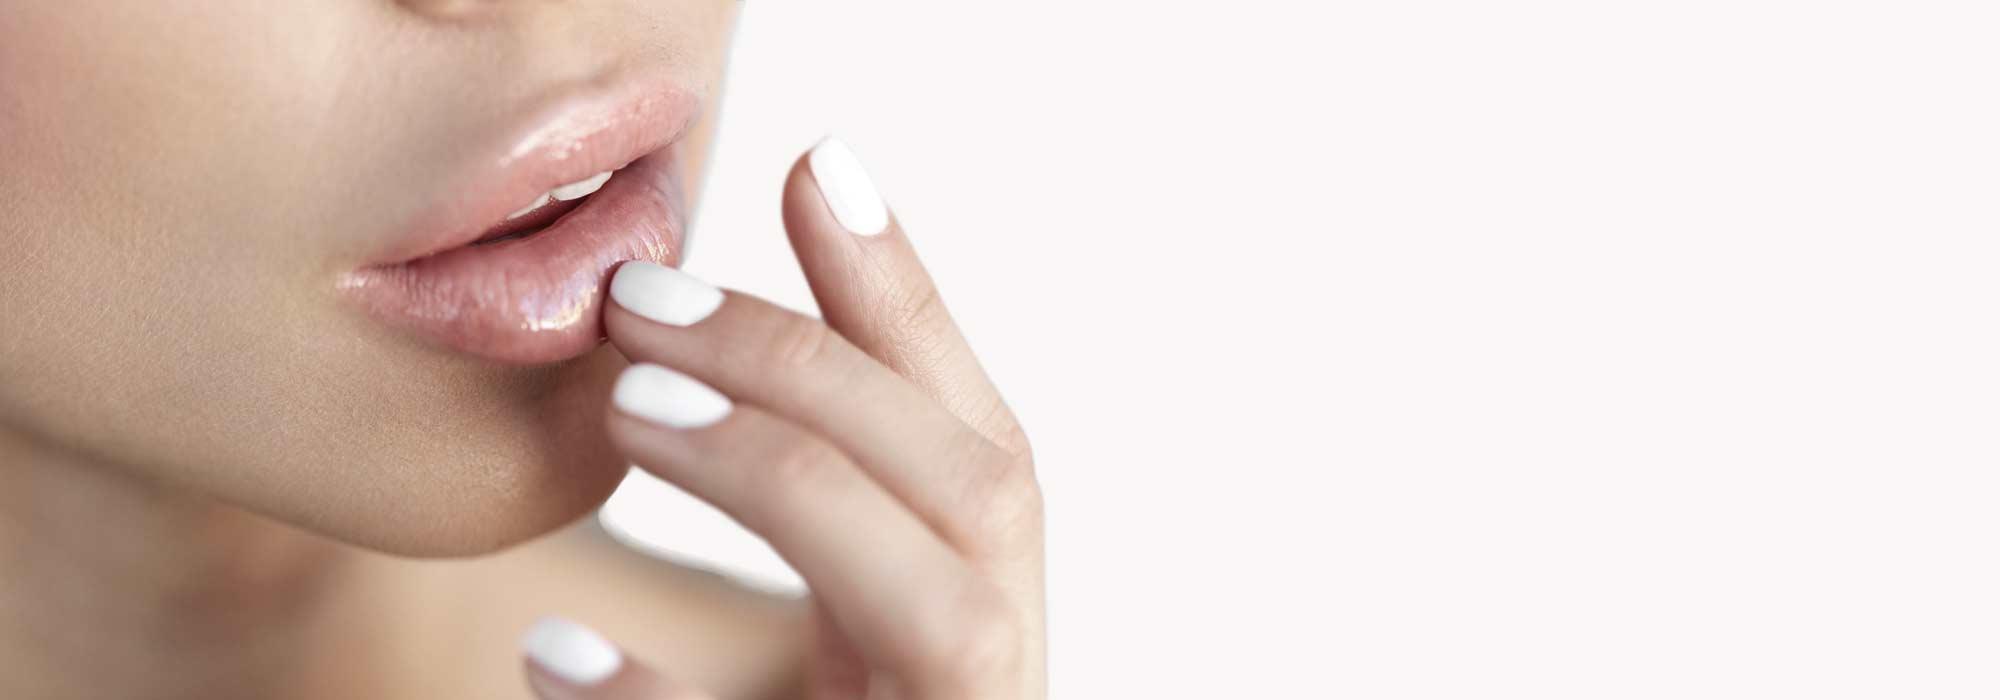 Volume des lèvres acide hyaluronique Paris Dr Claude